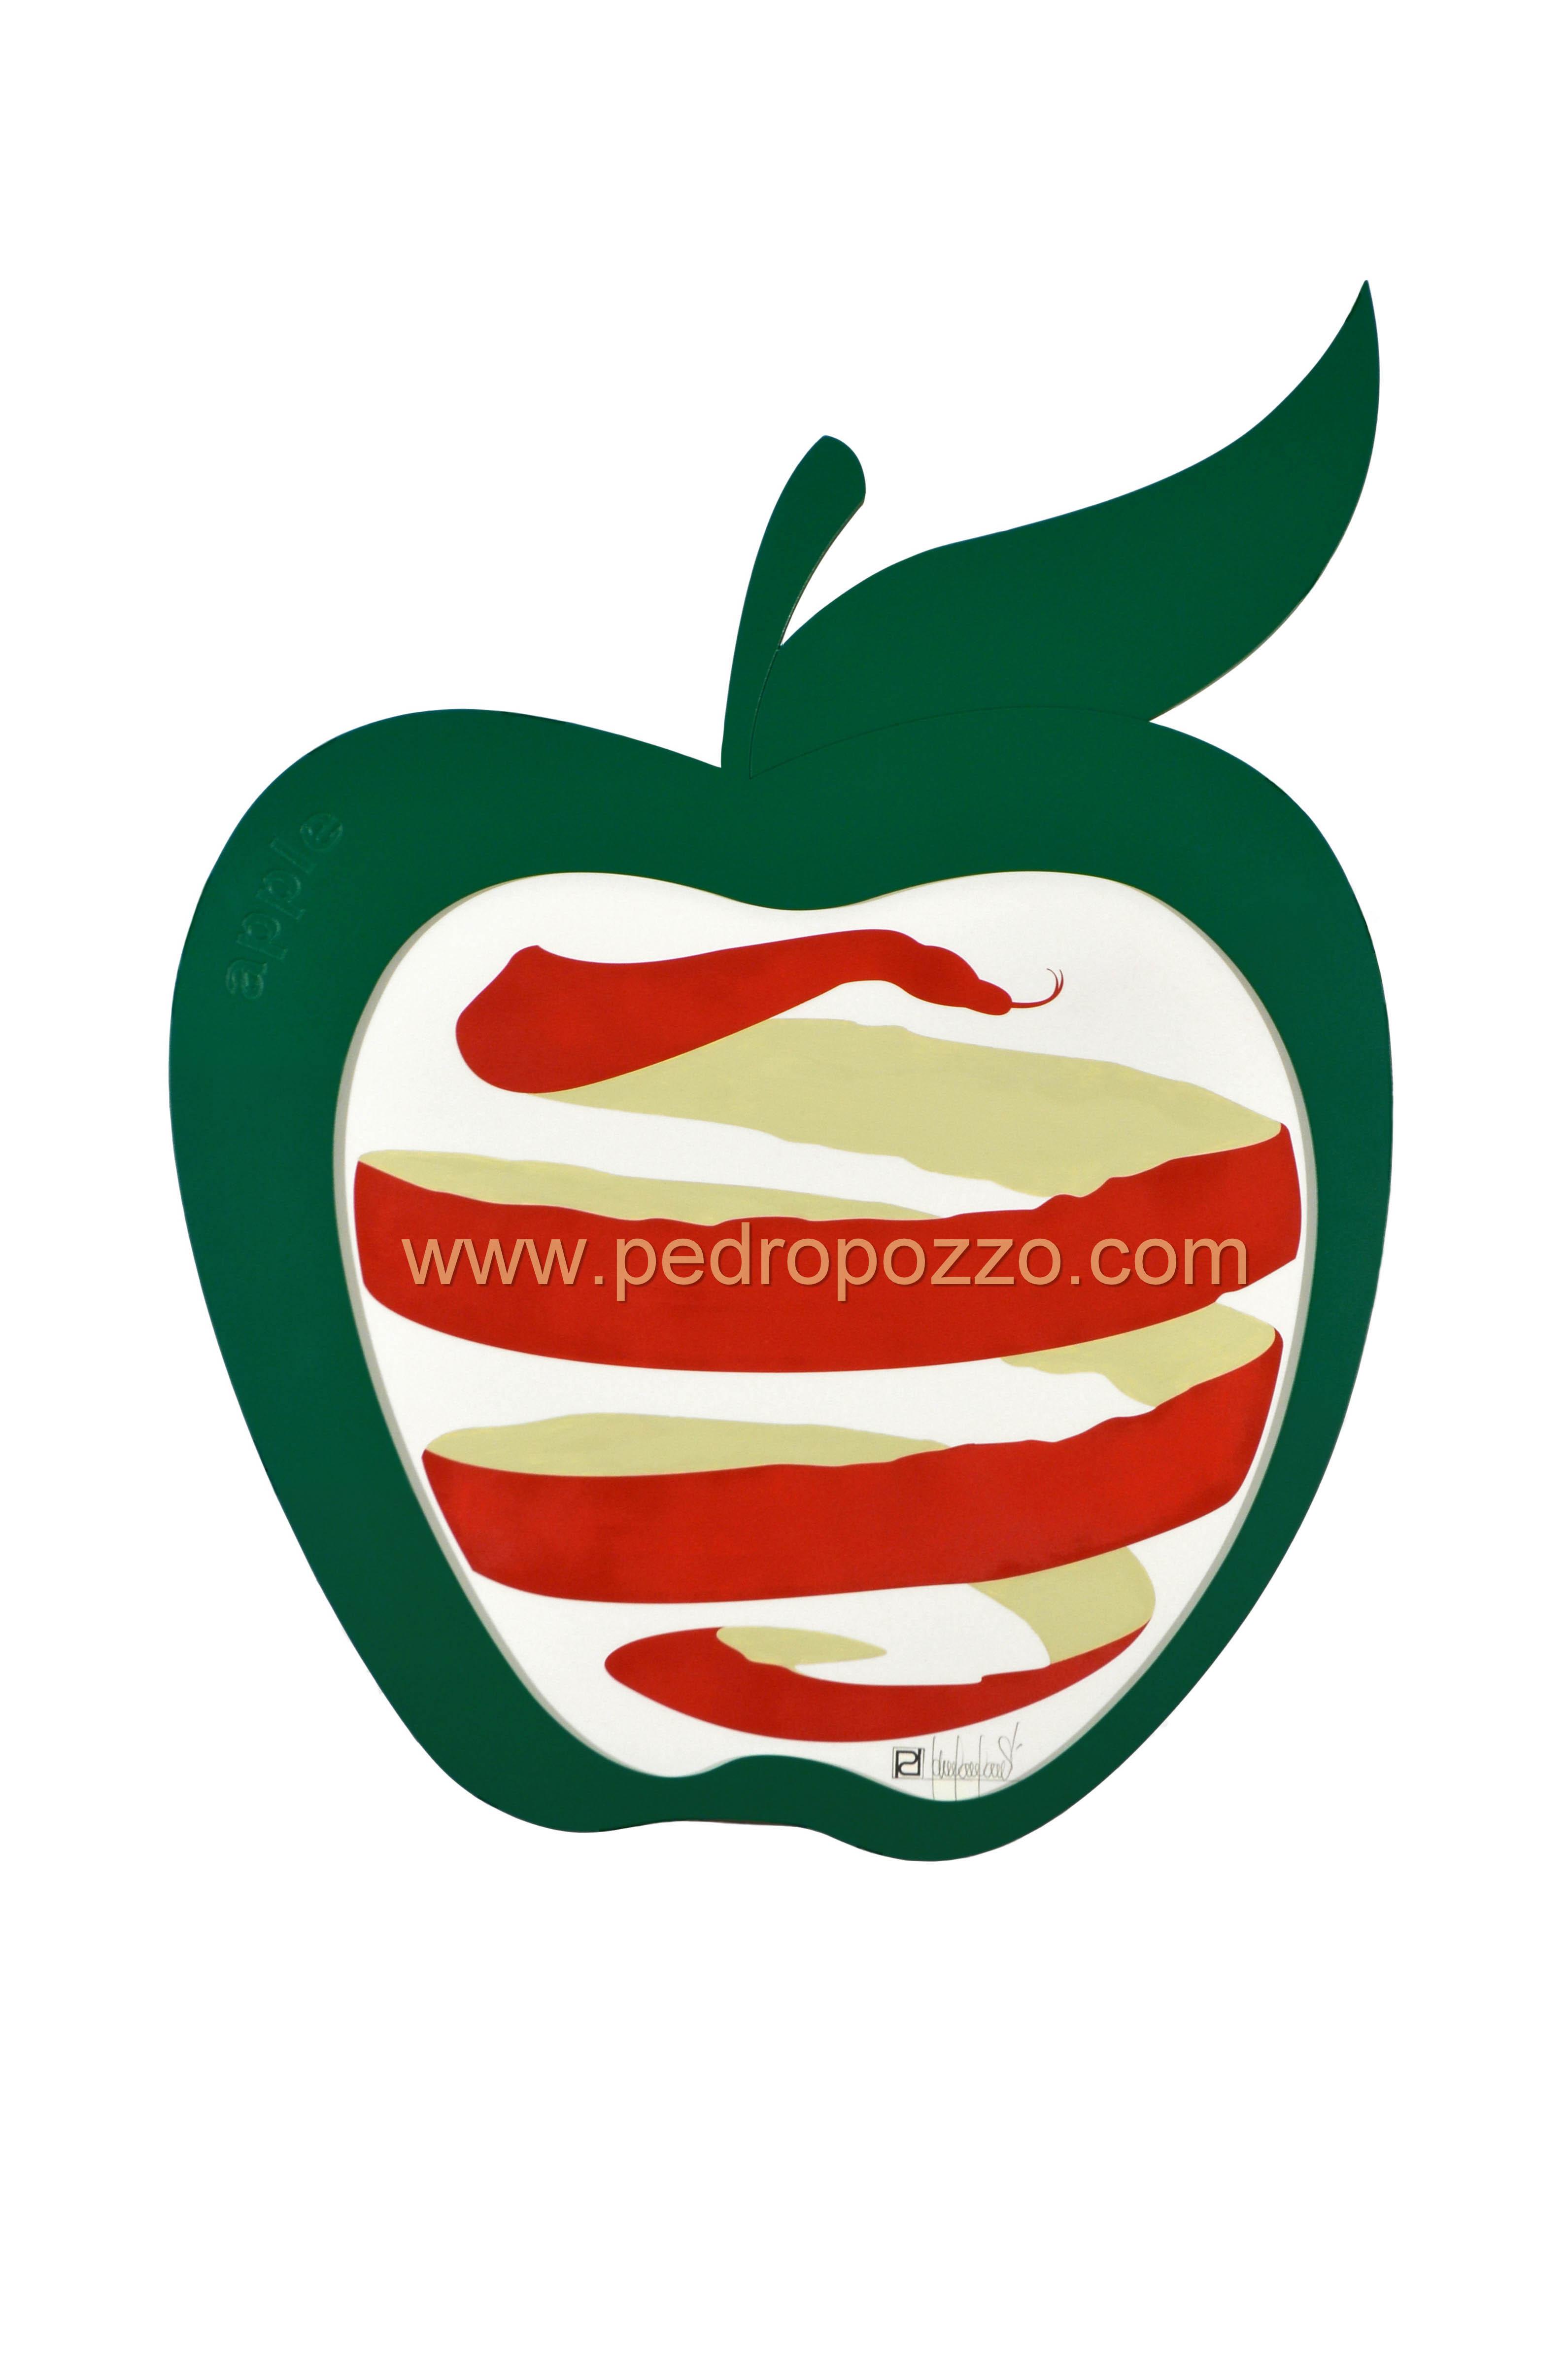 Apple (2018) - Pedro Pozzo